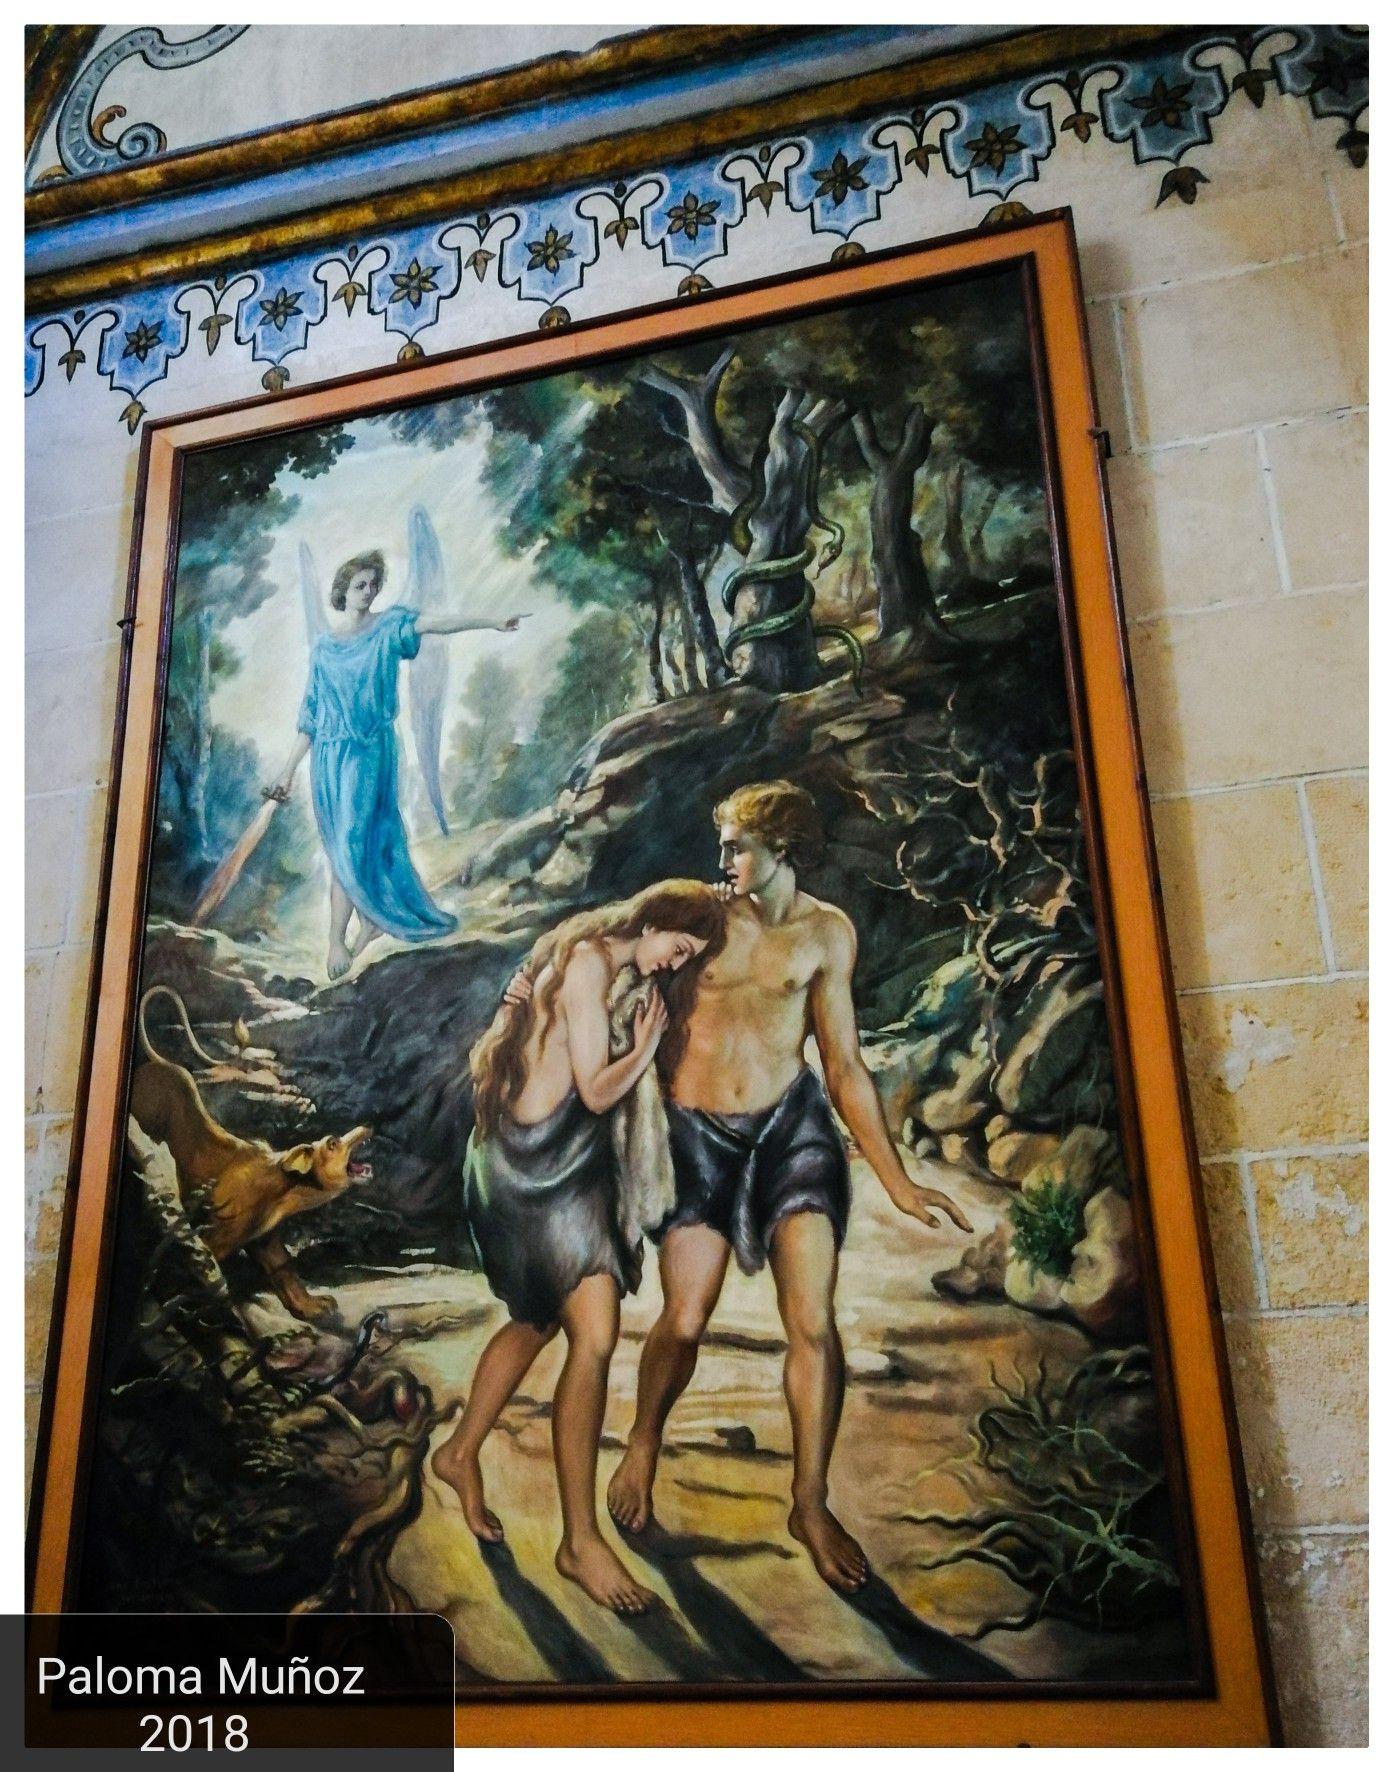 Pintura En La Iglesia De San Patricio En Lorca La Expulsion De Adan Y Eva Del Paraiso Murcia Painting Of The Adam And Eve Out Of Pinturas Dibujos Adan Y Eva